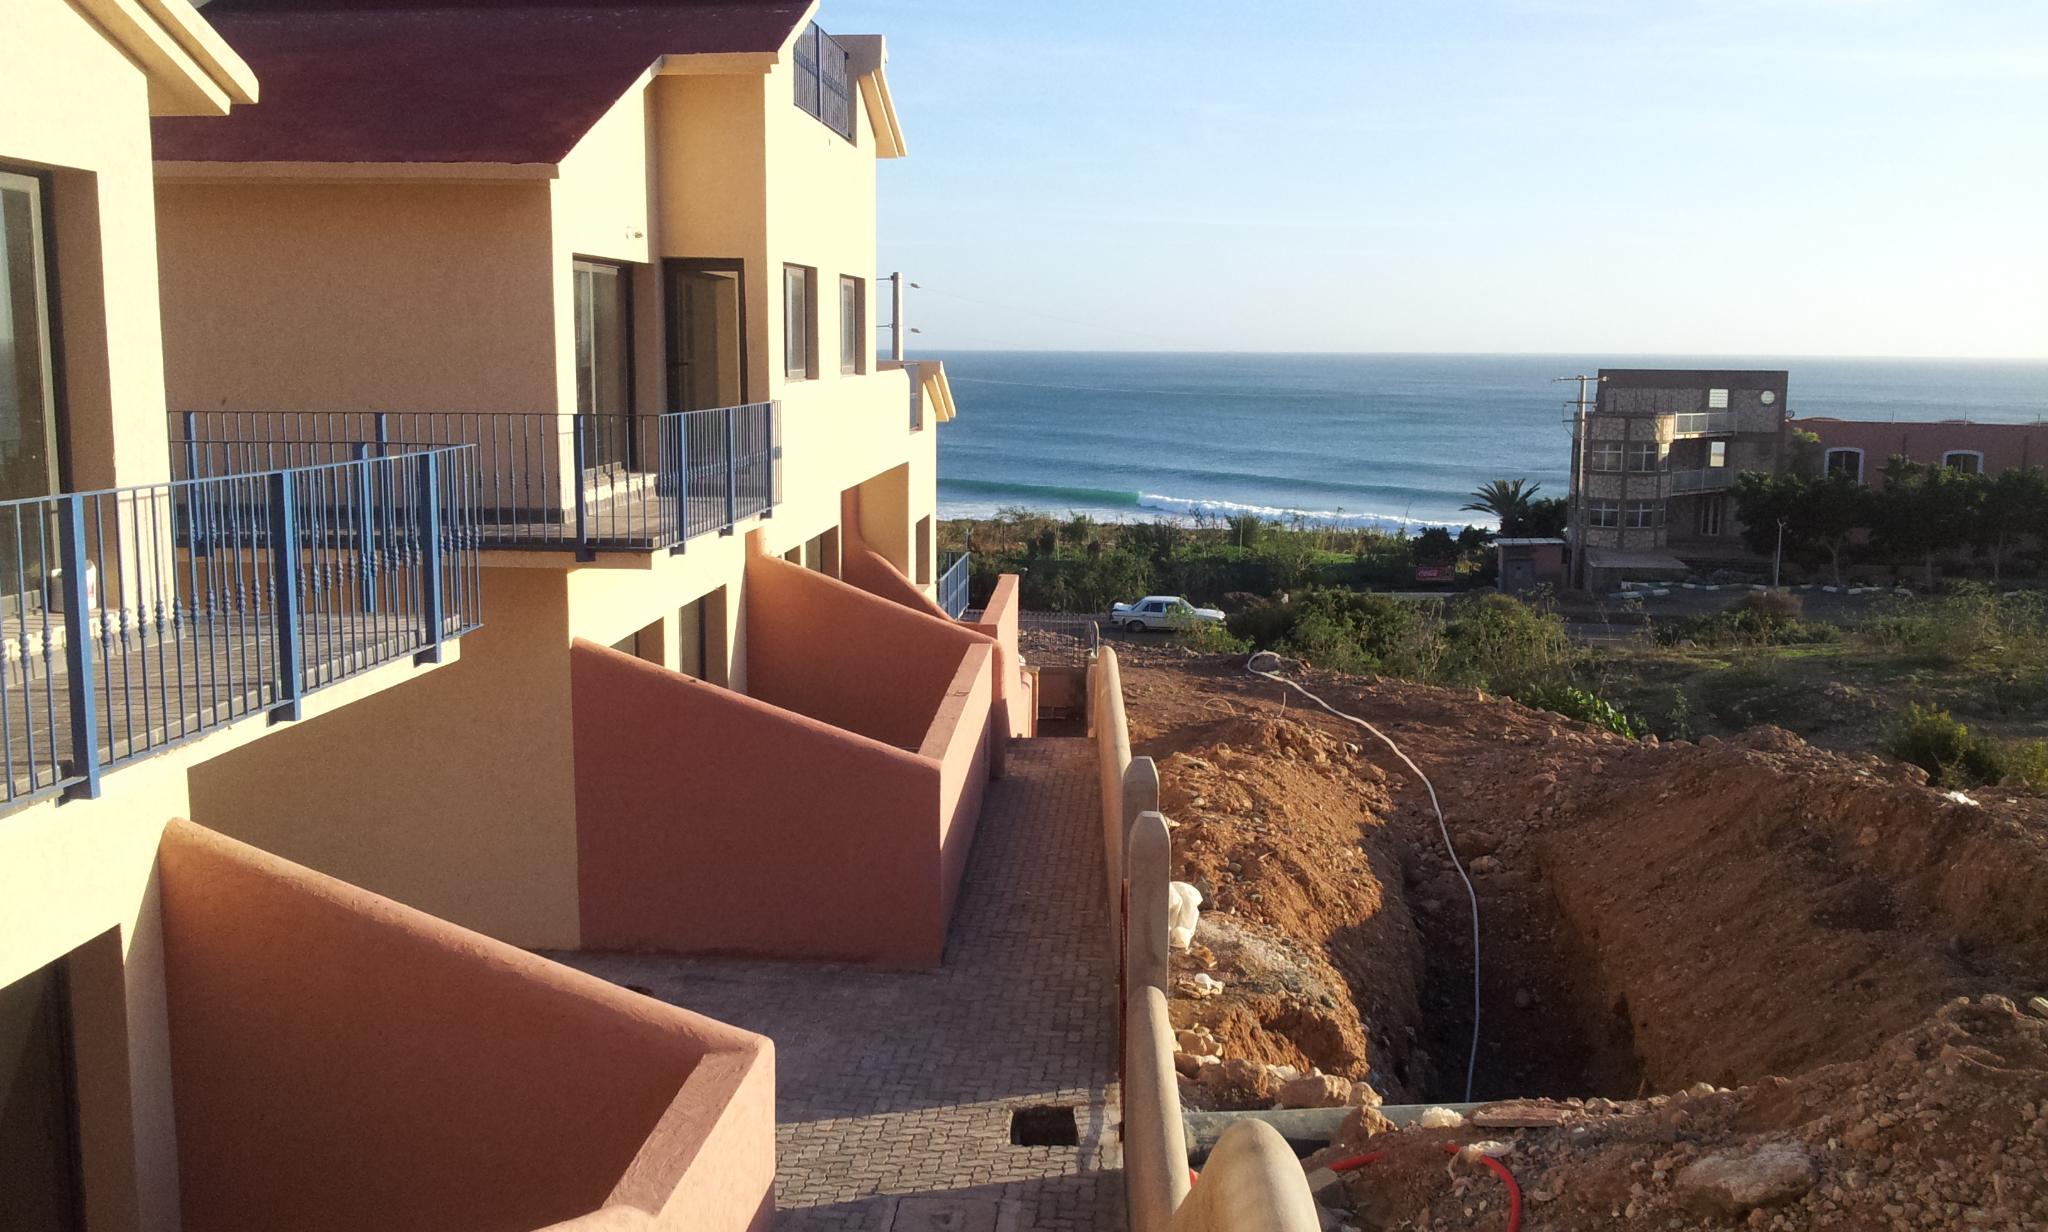 For Sale 5 Bedrooms Tighuert Agadir Morocco STRADA PER ESSAOUIRA